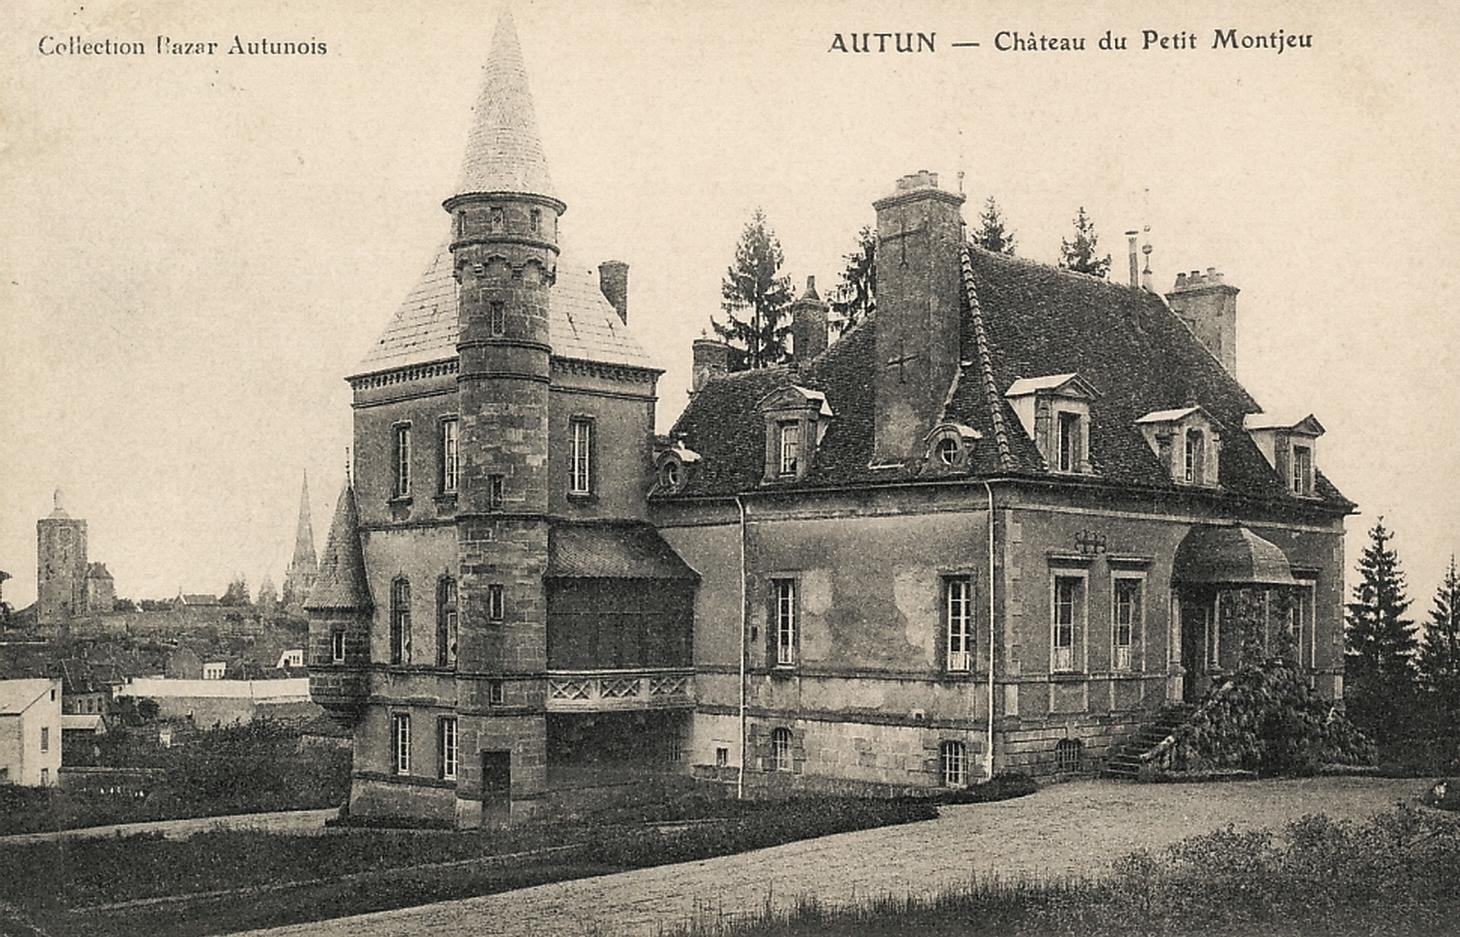 Autun (Saône-et-Loire) Le château du Petit Montjeu CPA